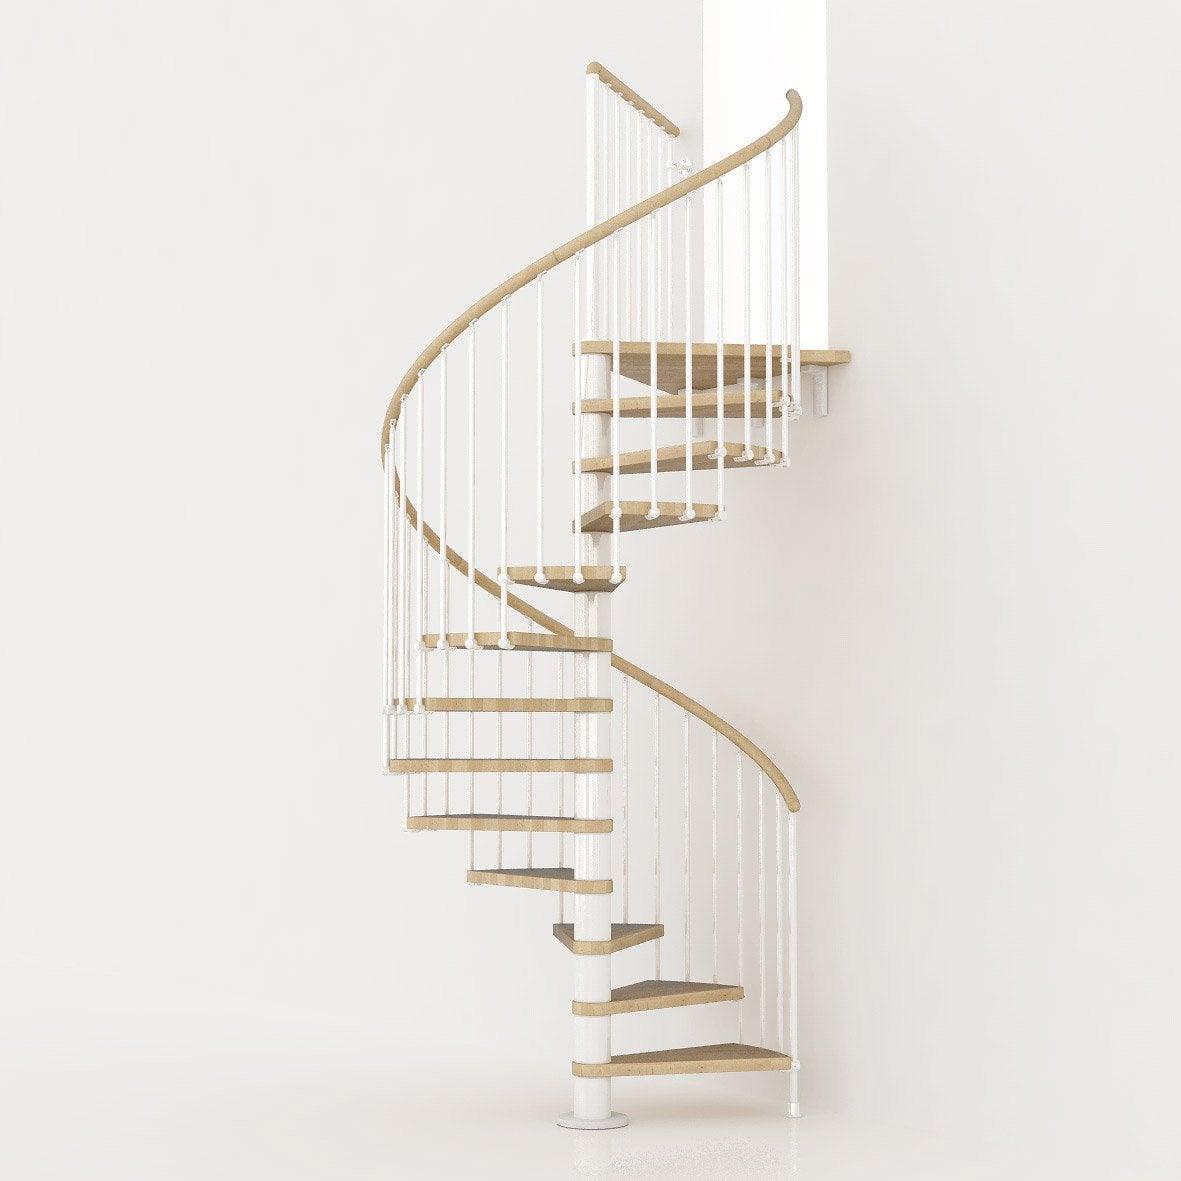 Escalier Ring PIXIMA, colimaçon rond en bois et métal, 13 marches Leroy Merlin # Bois Rond Leroy Merlin